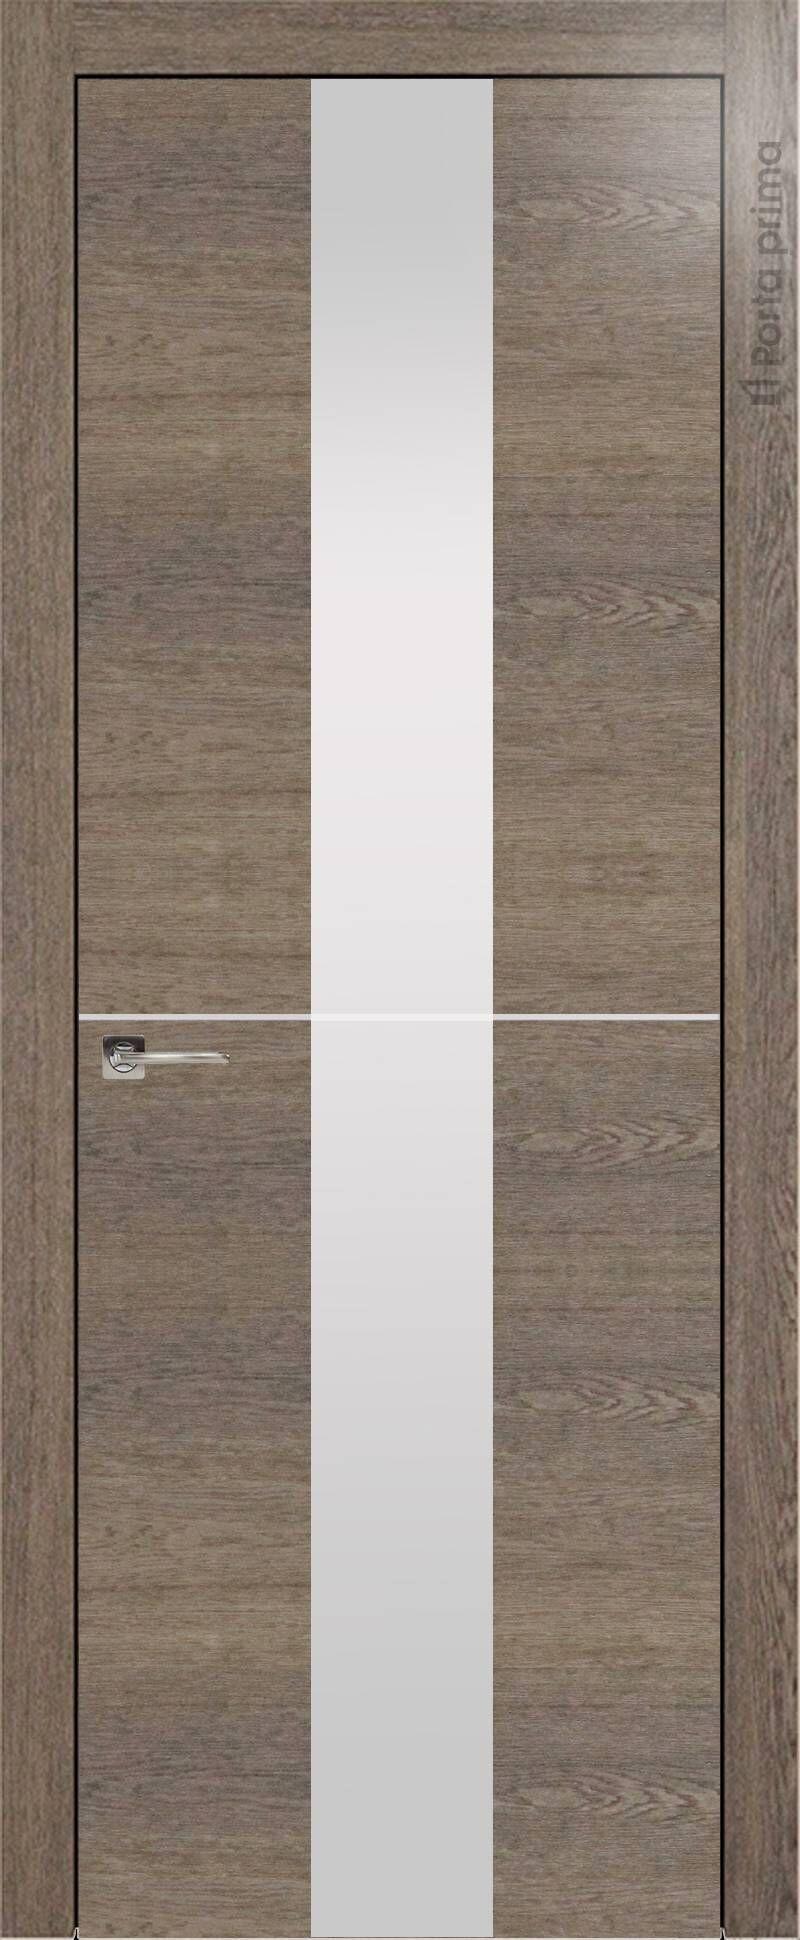 Tivoli Ж-3 цвет - Дуб антик Со стеклом (ДО)